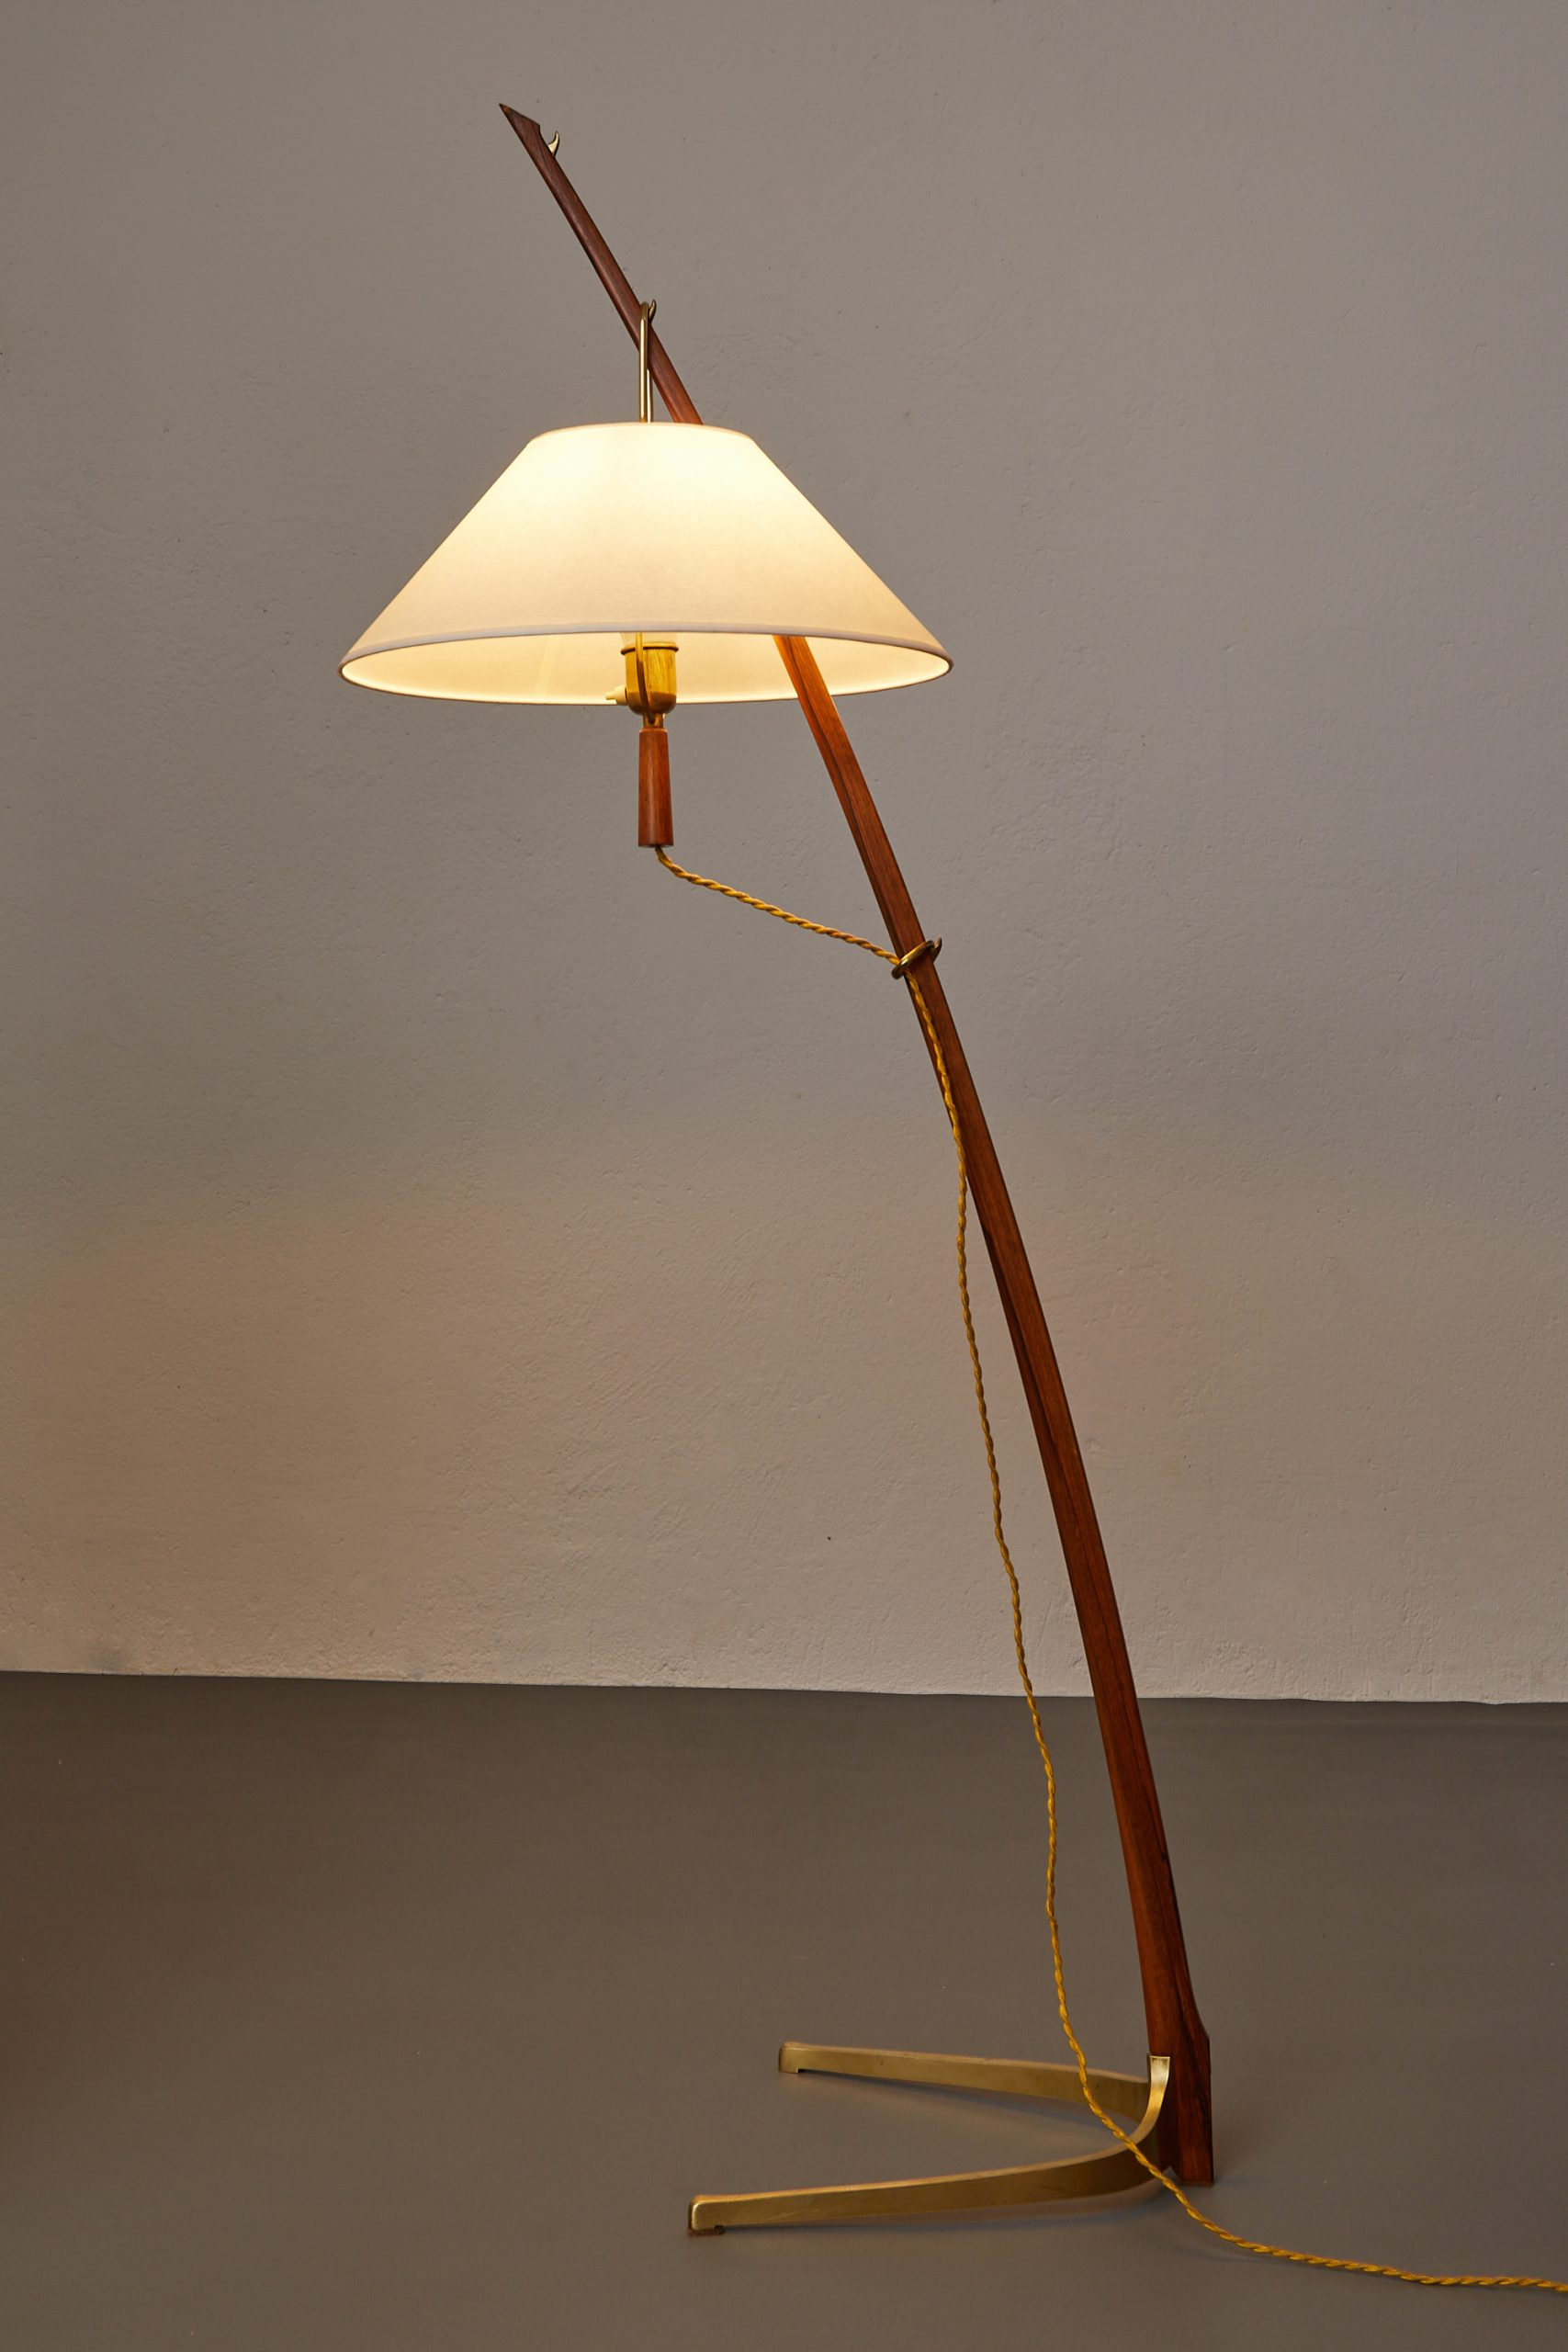 model-2076-ordornstab-floor-lamp-in-teak-and-brass-by-j-t-kalmar-1950-image-02